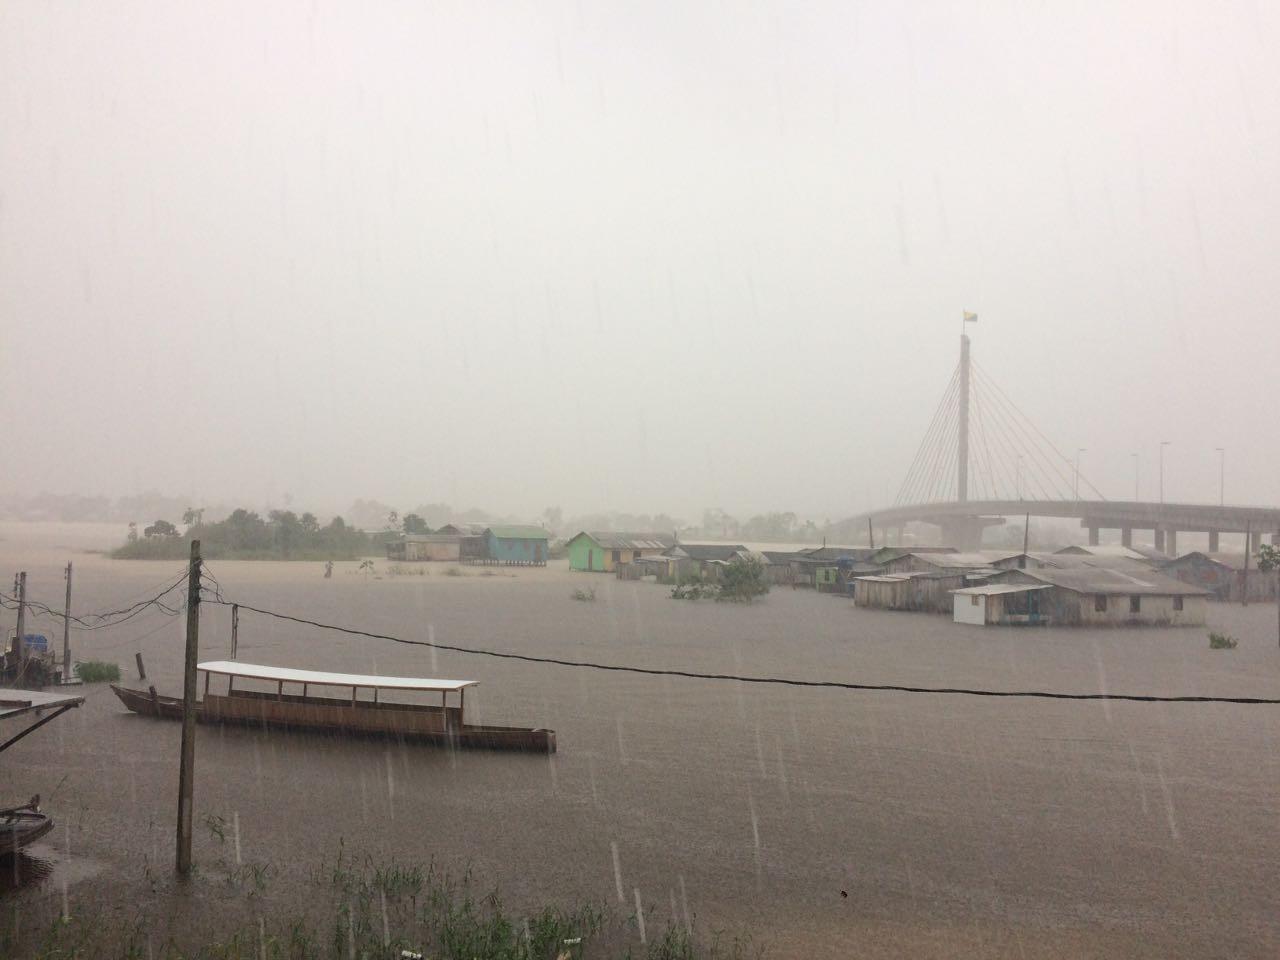 Sipam prevê chegada de frente fria de intensidade fraca no Acre nesta terça-feira (7)